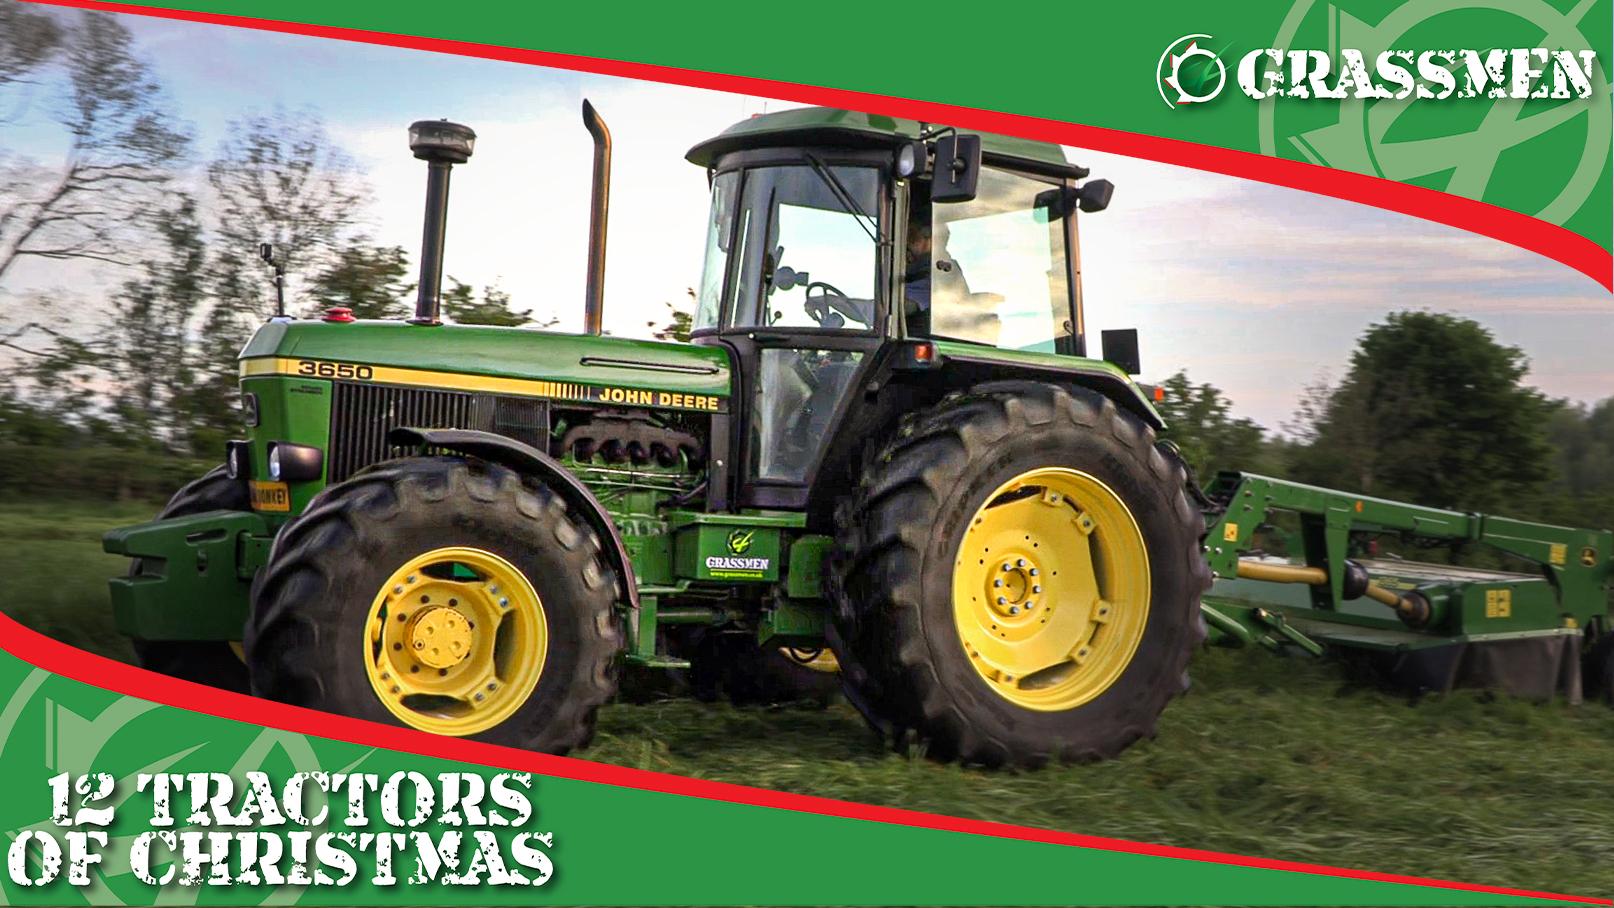 JOHN DEERE 3650 - 12 Tractors of Christmas